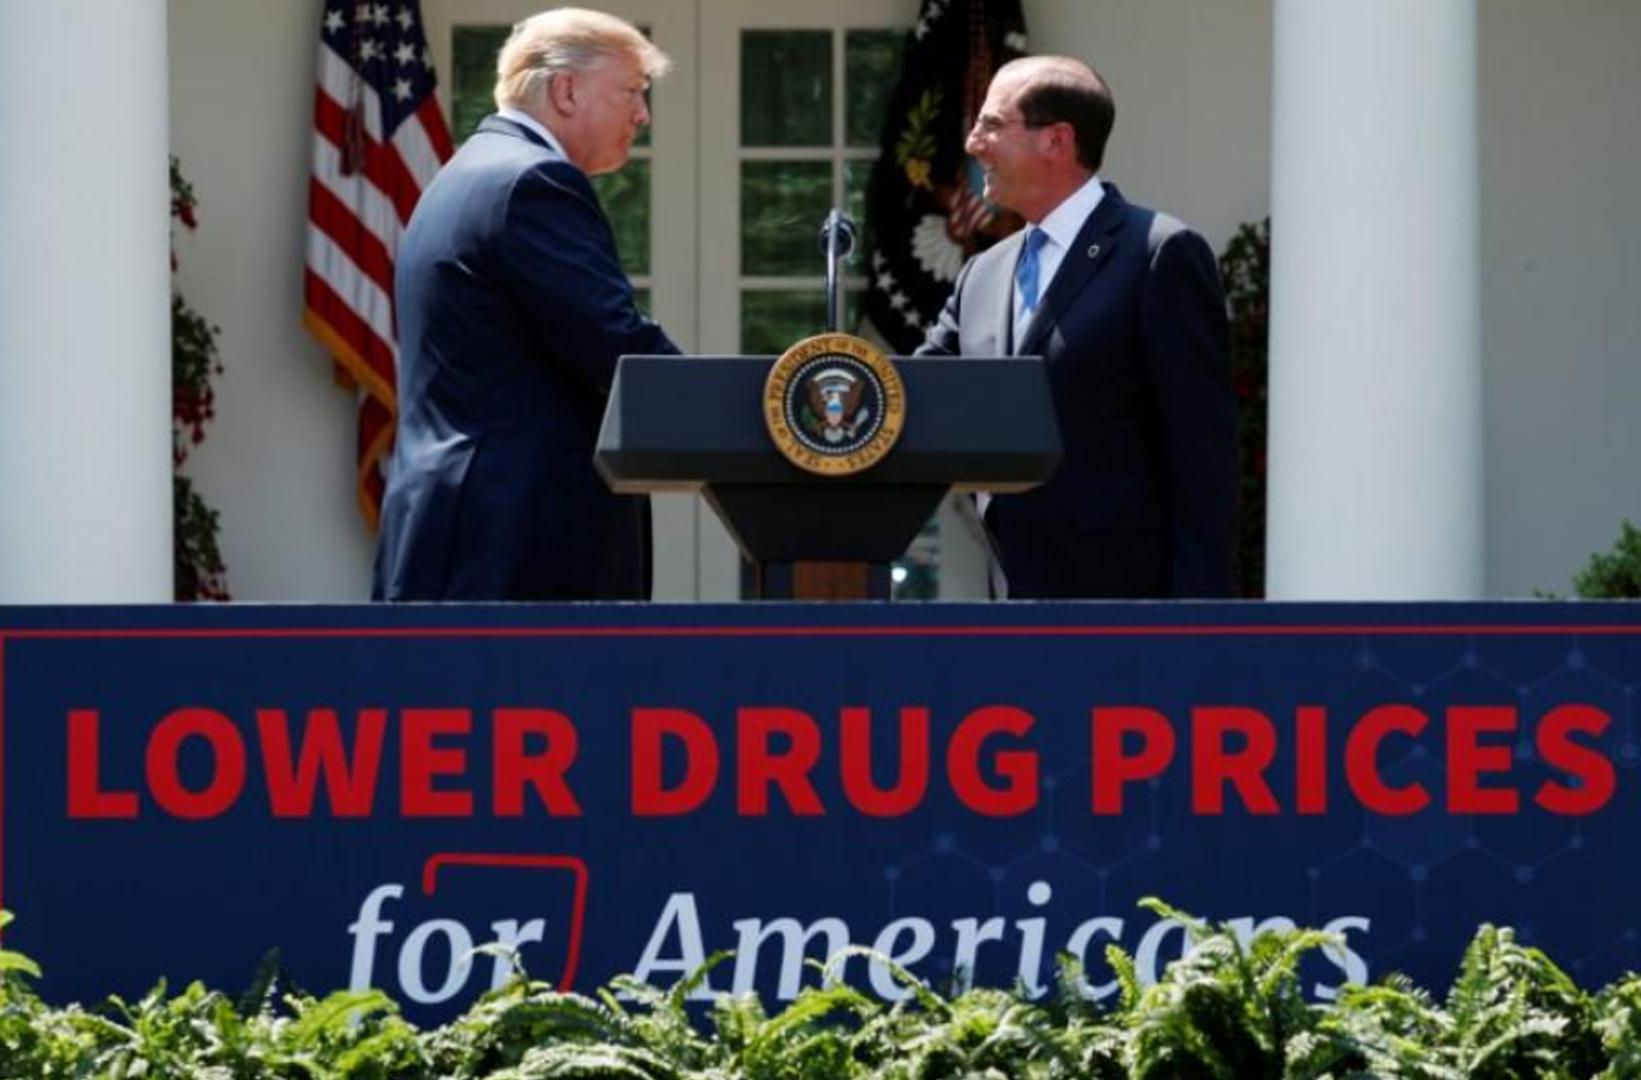 Tổng thống Trump công bố kế hoạch mới nhằm giảm giá thuốc